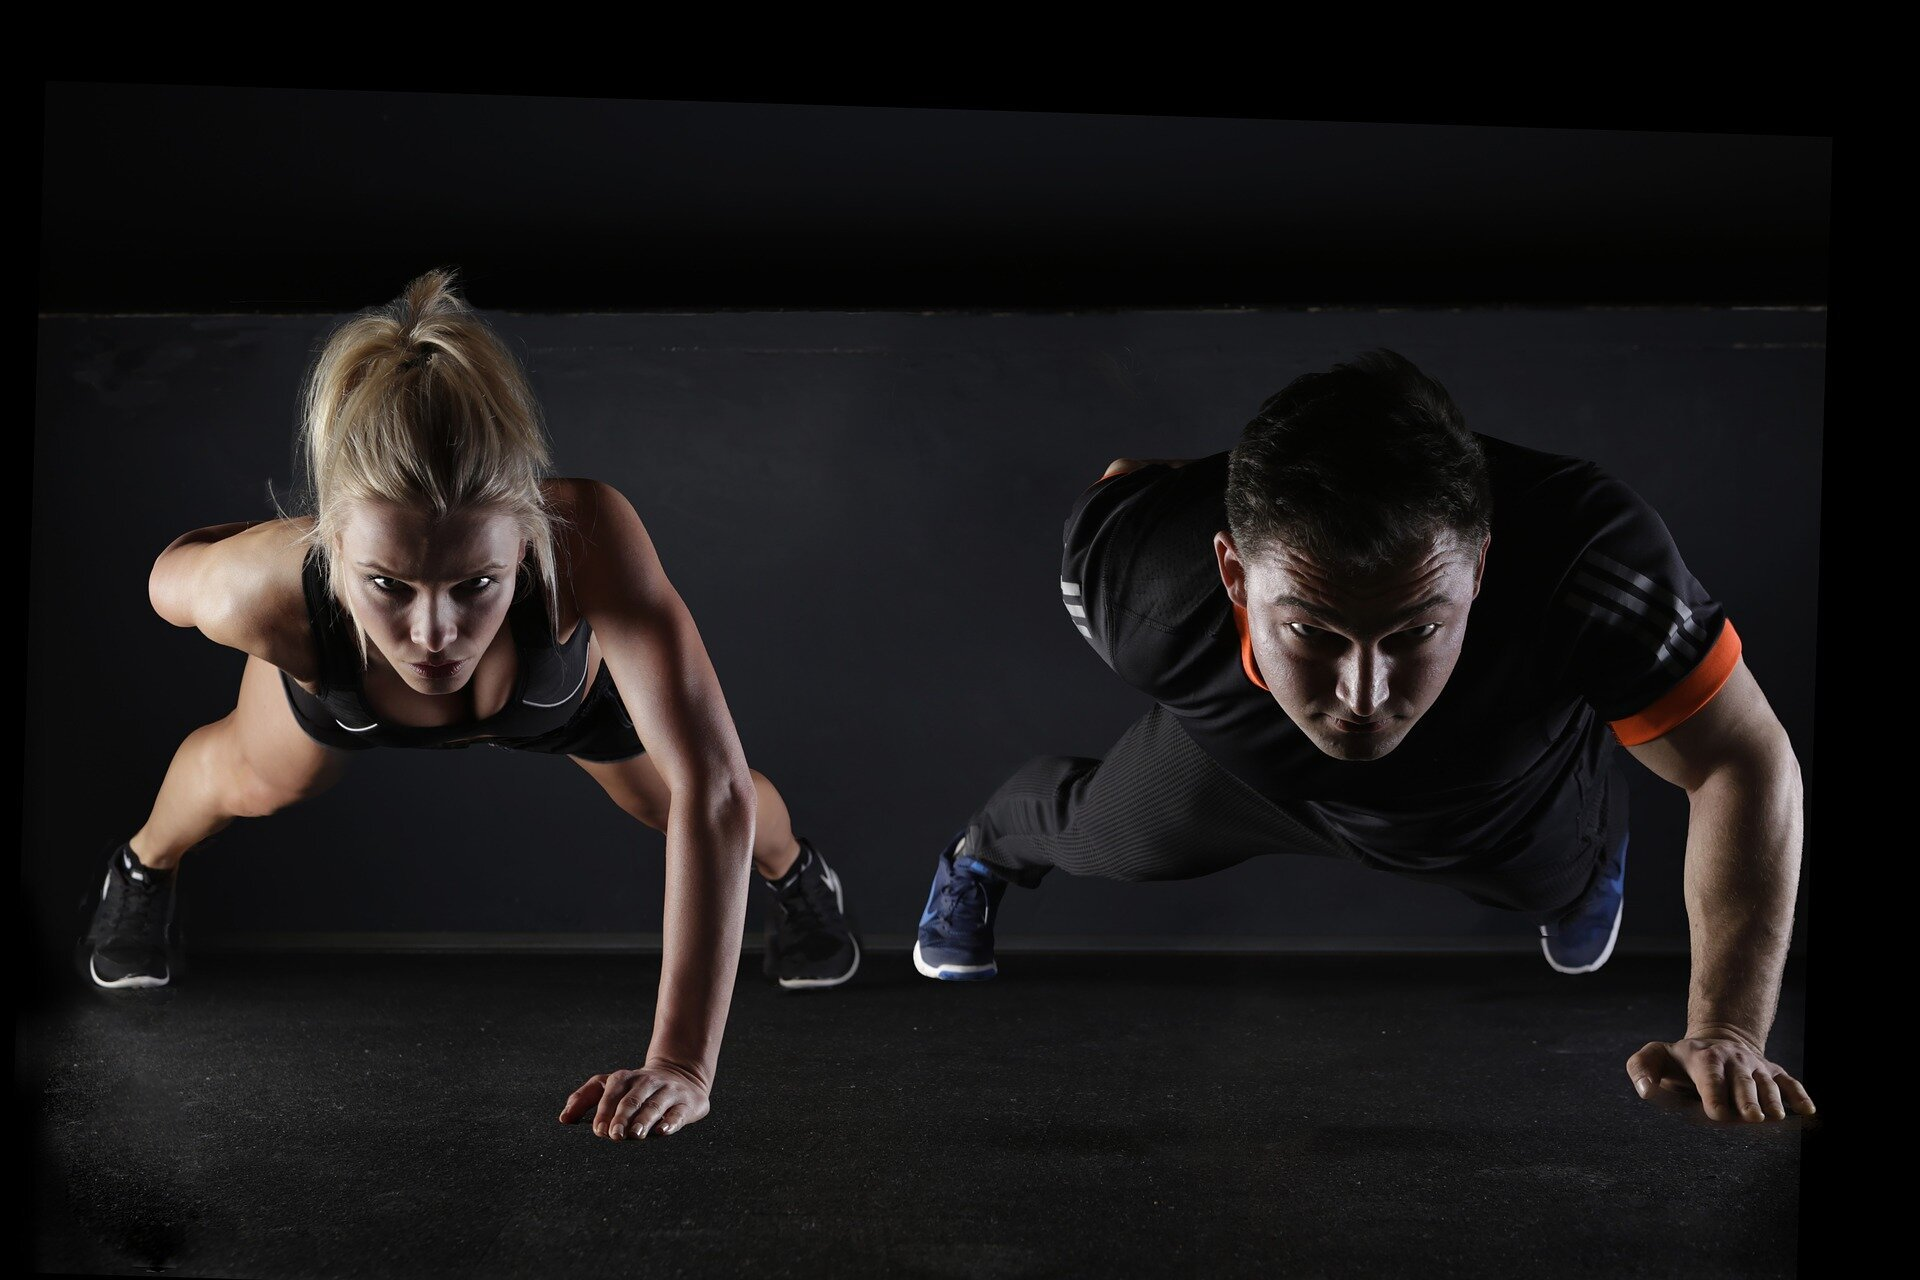 Intervall-training kann Schuppen Pfund mehr als kontinuierliche, moderate Intensität trainieren